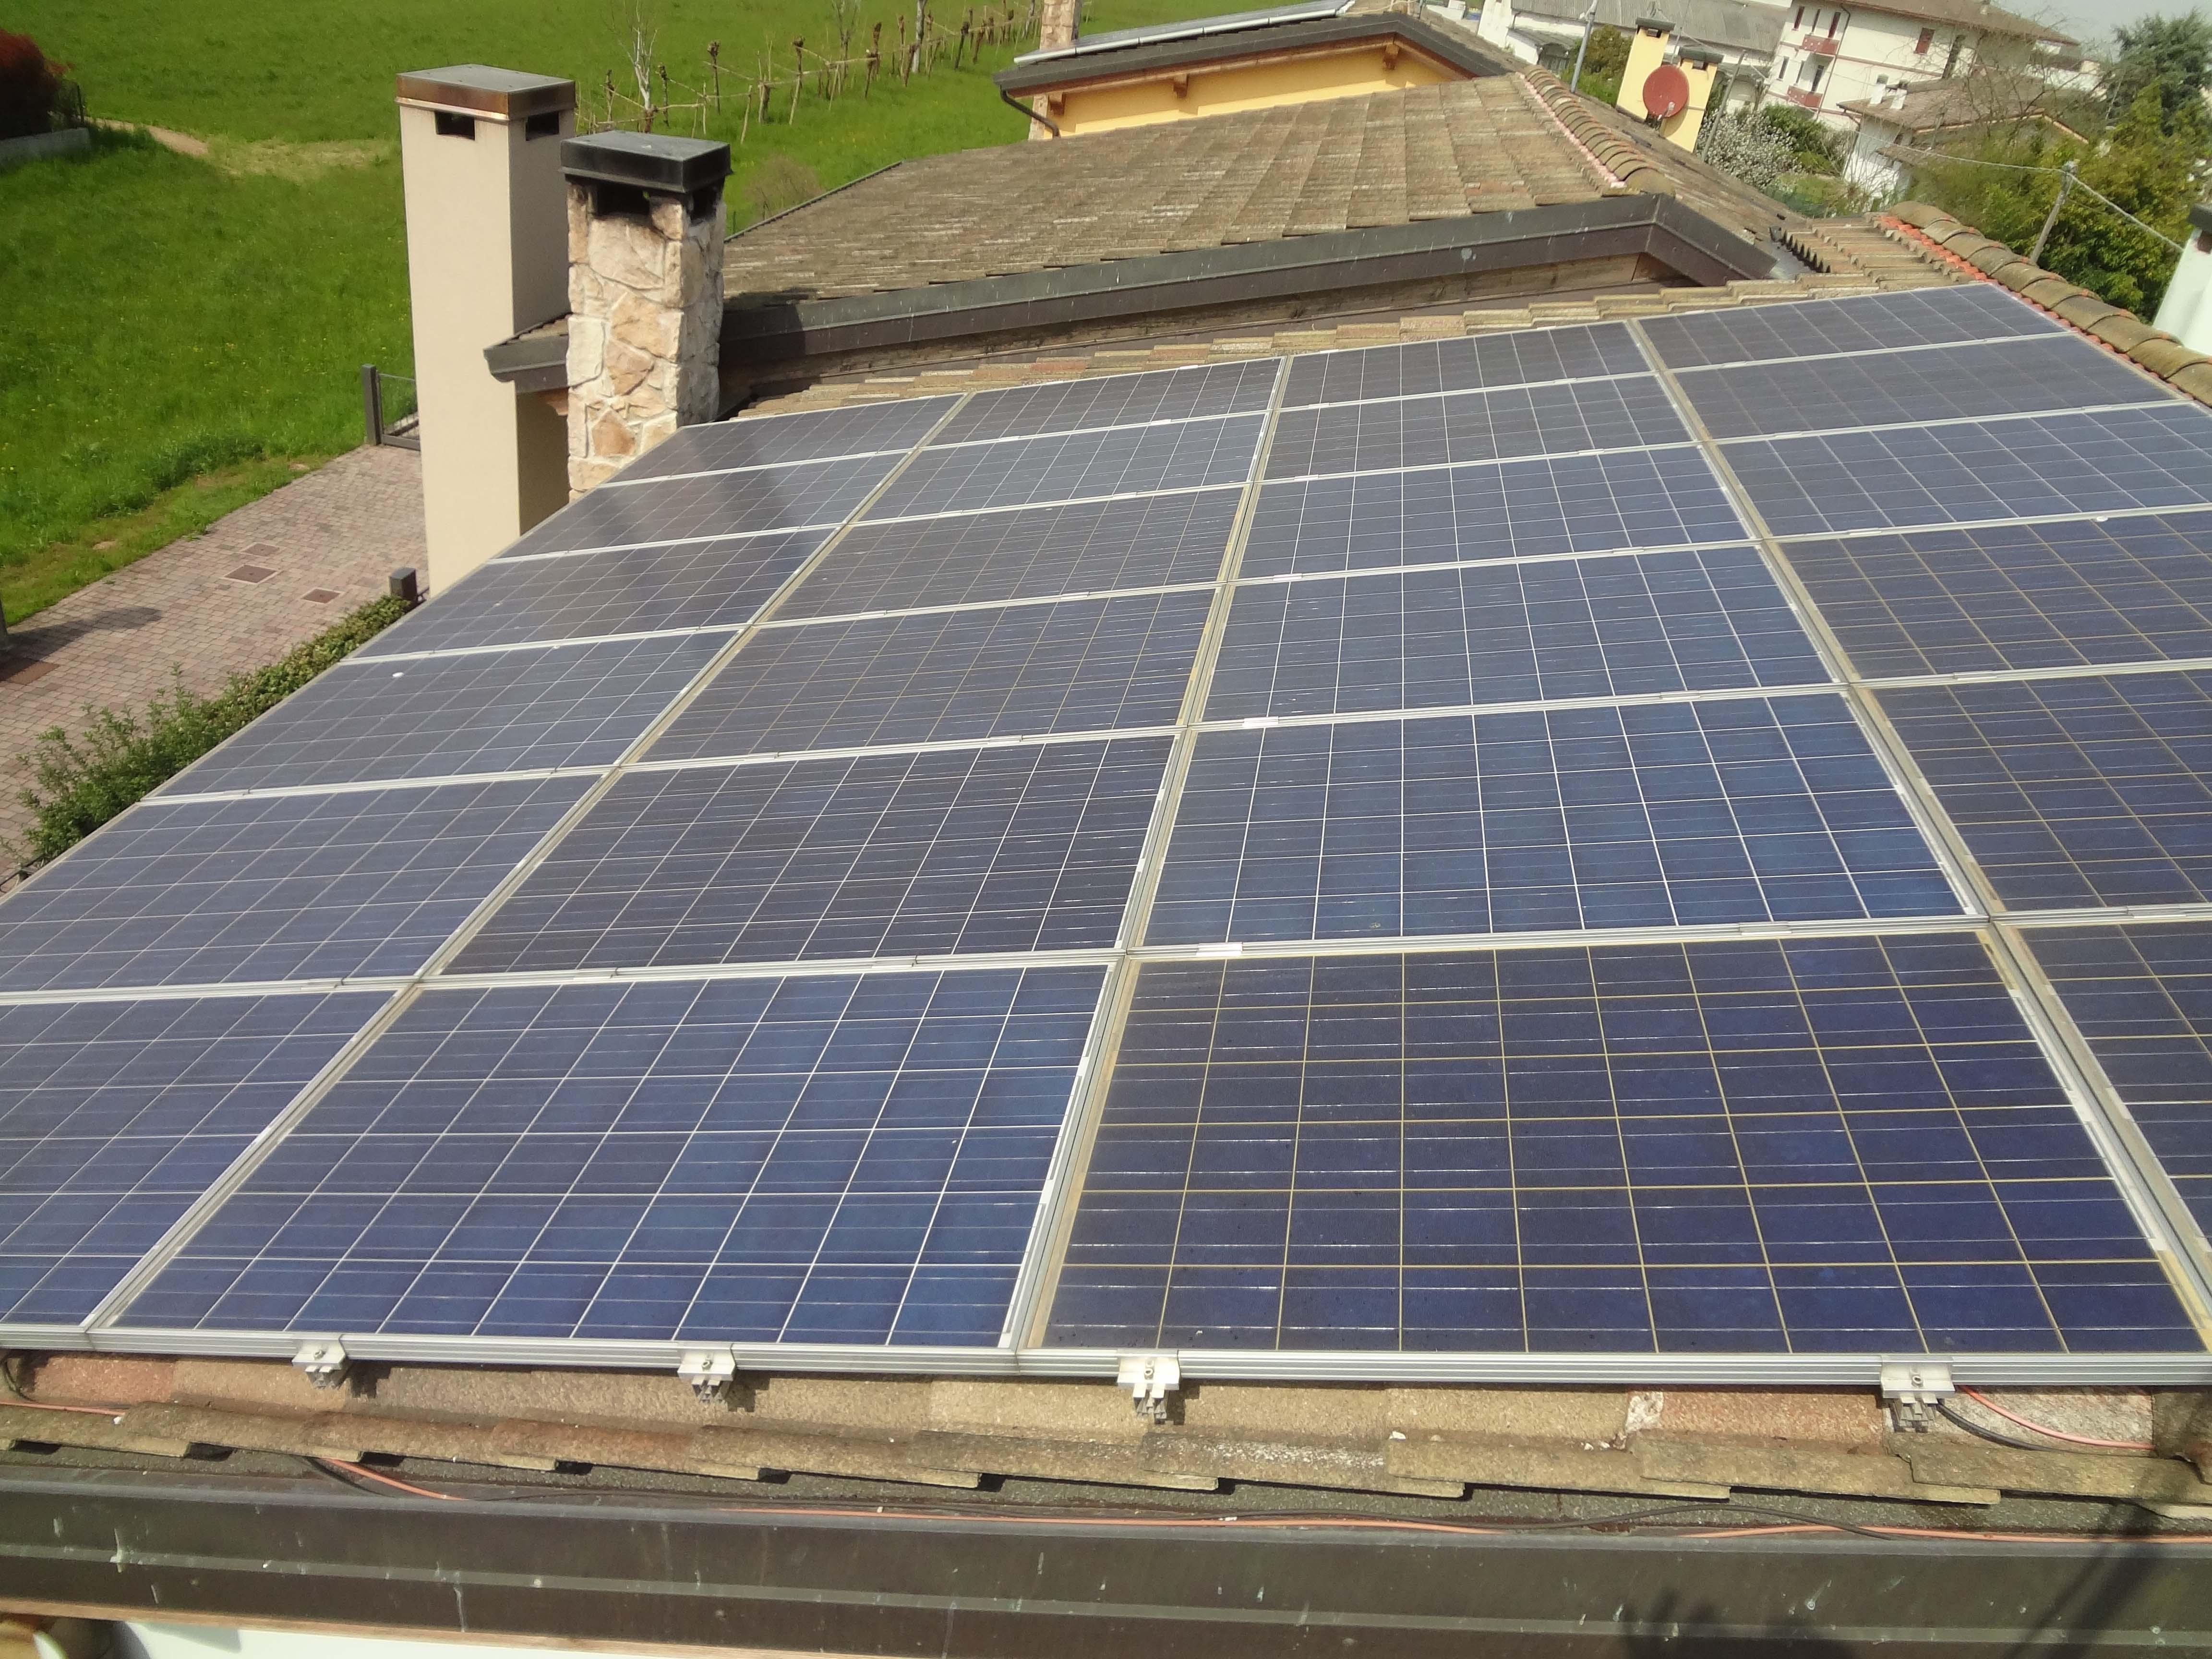 Installazione pannelli fotovoltaici incentivi 50